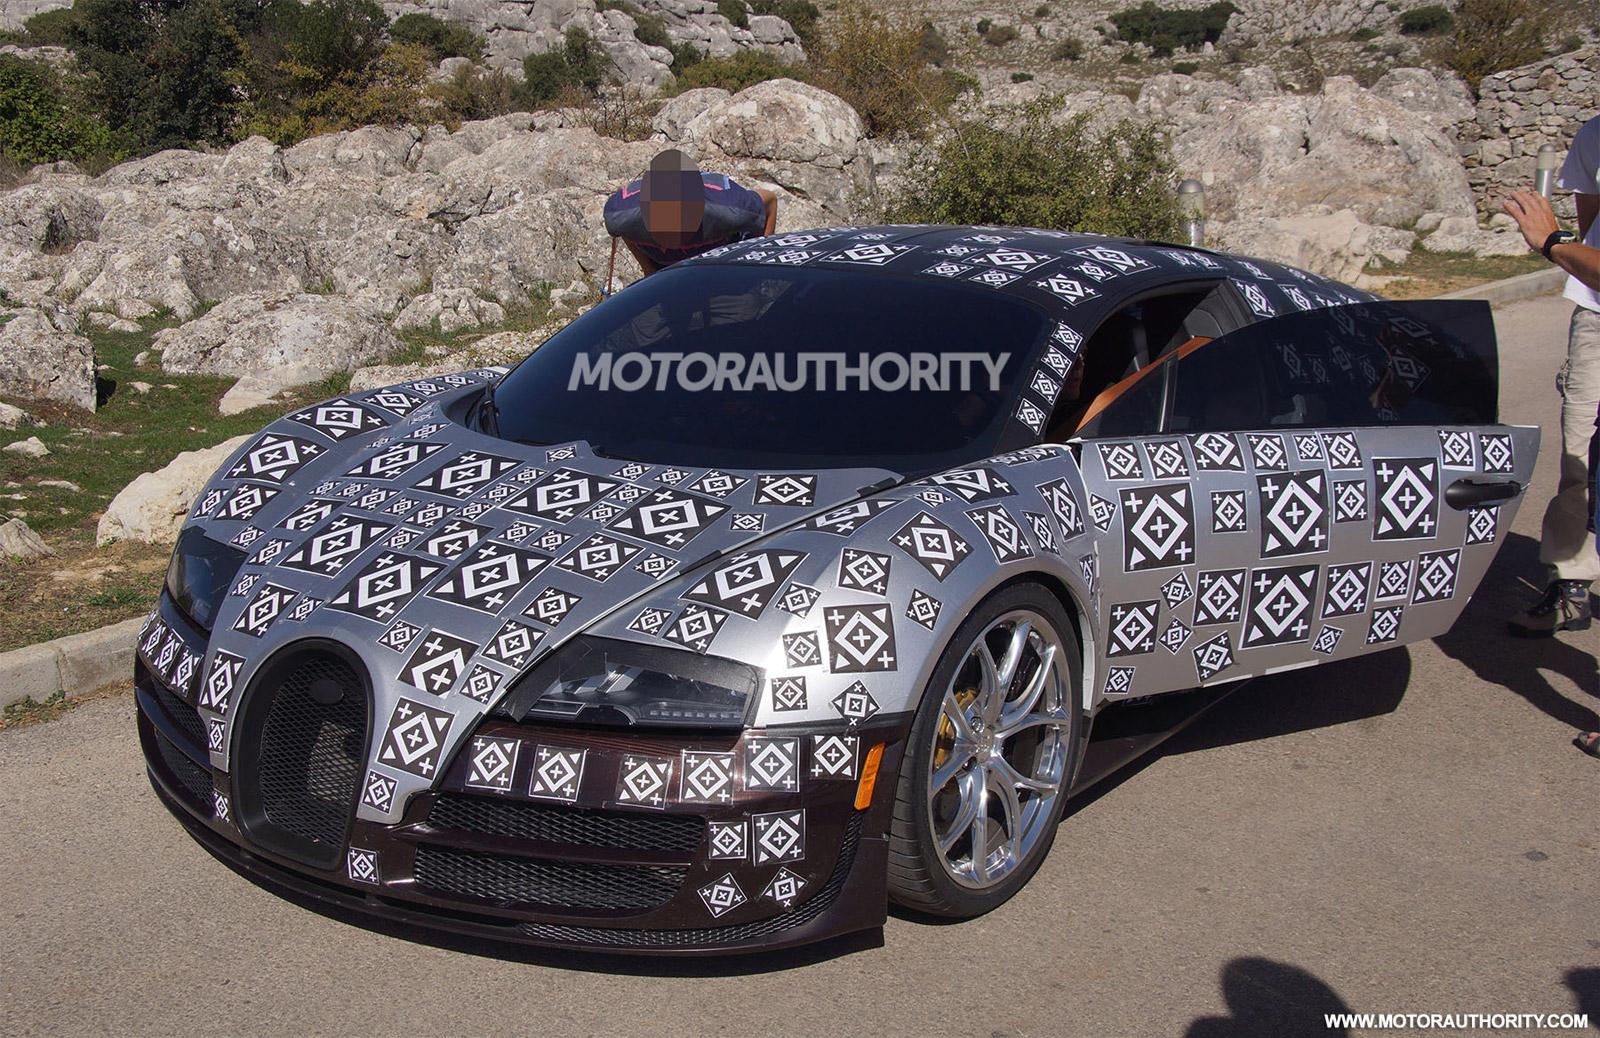 Bugatti Veyron Successor To Do 0-60 MPH In 2.0 Seconds: Report